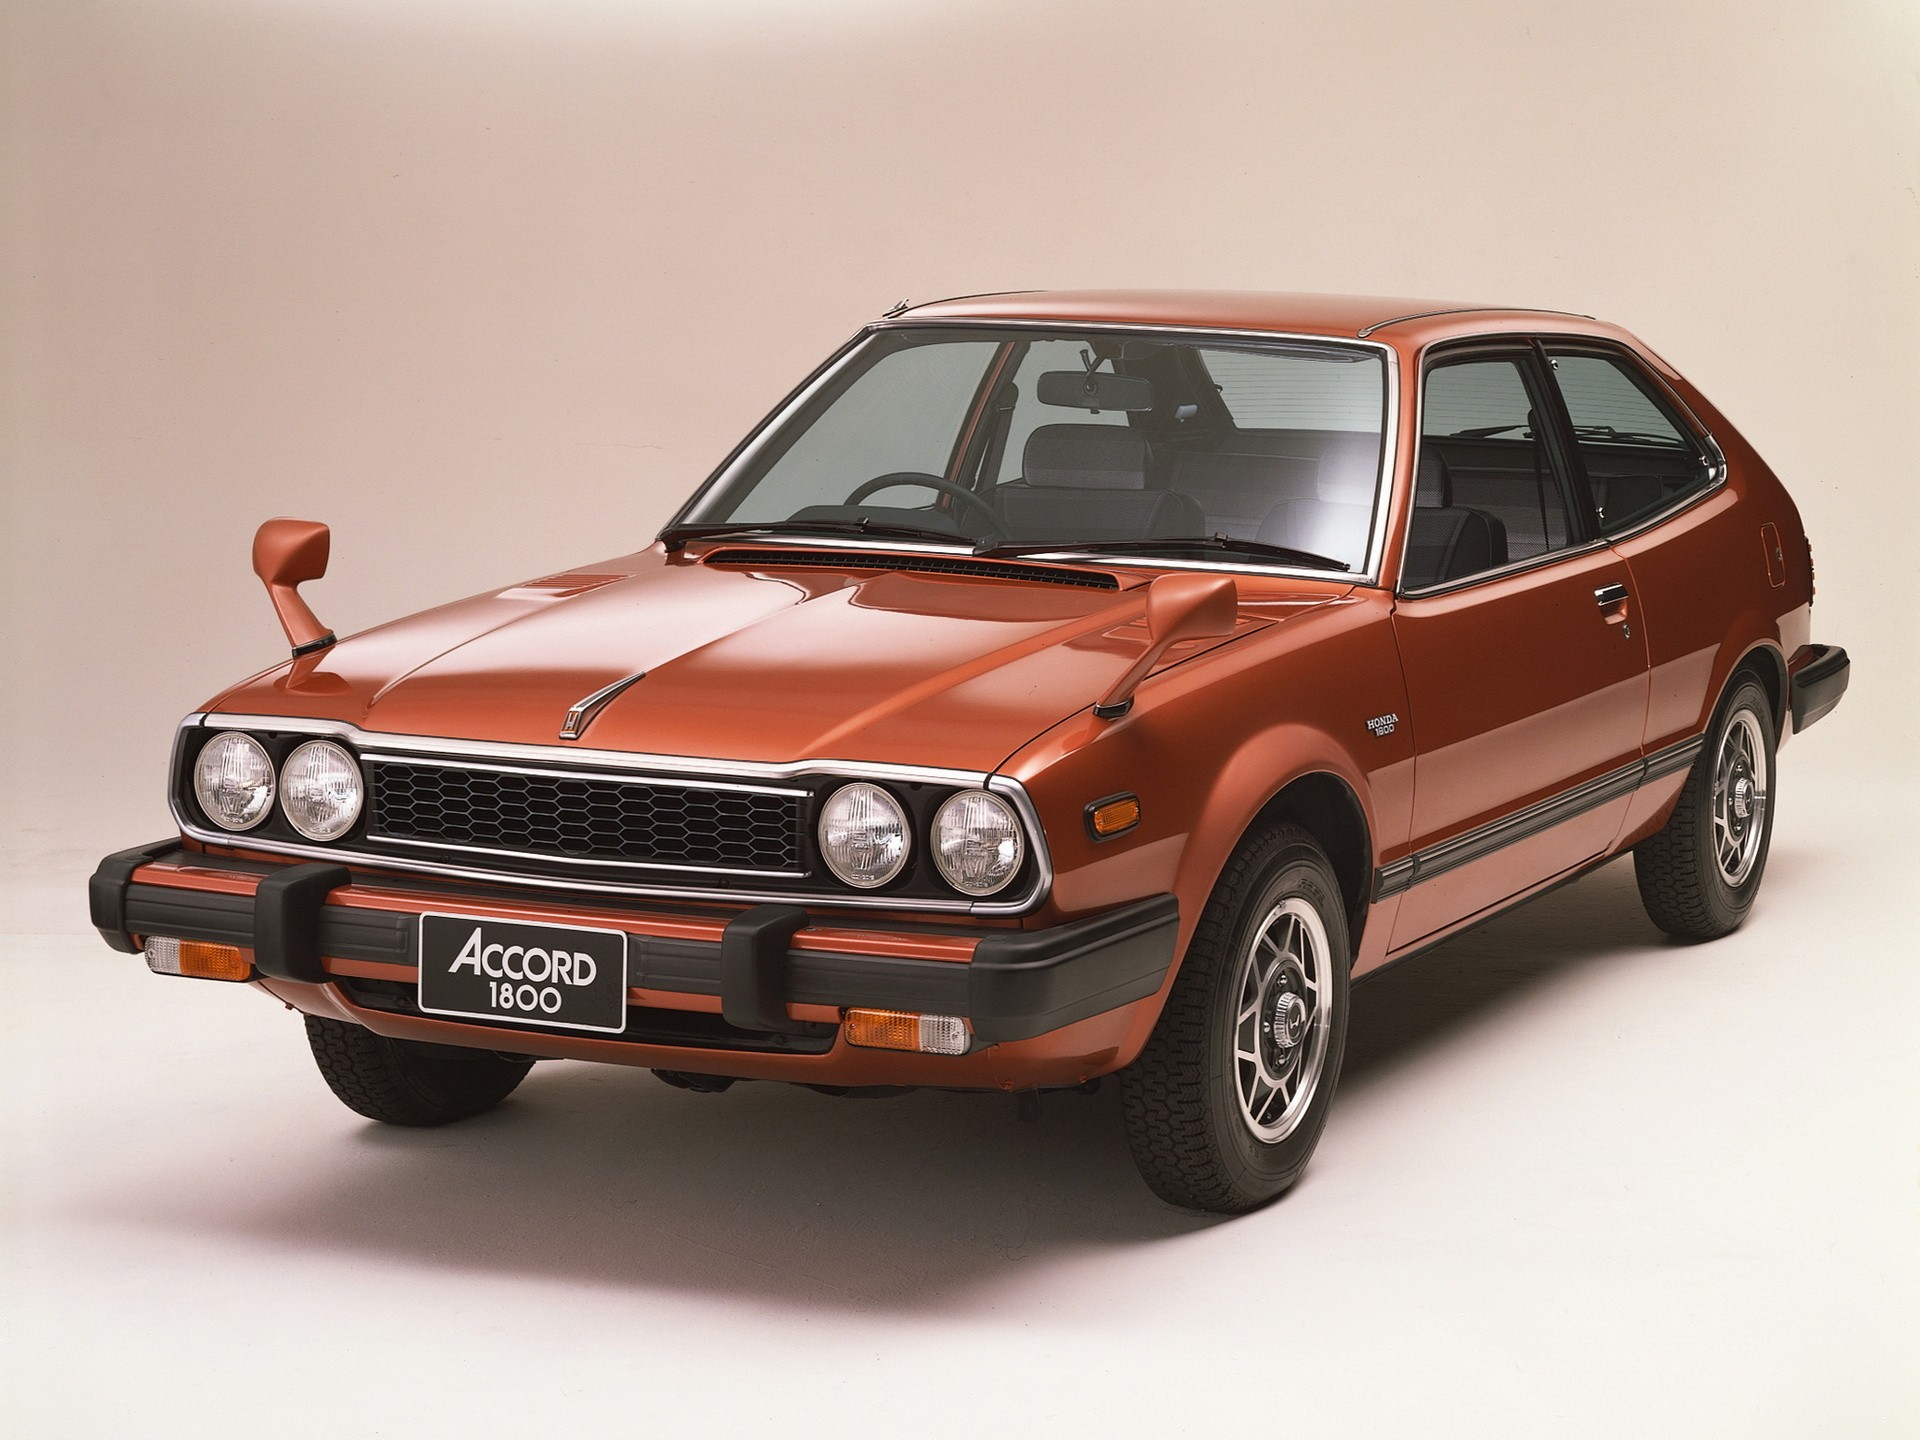 HONDA Accord 3 Doors - 1976, 1977, 1978, 1979, 1980, 1981 ...